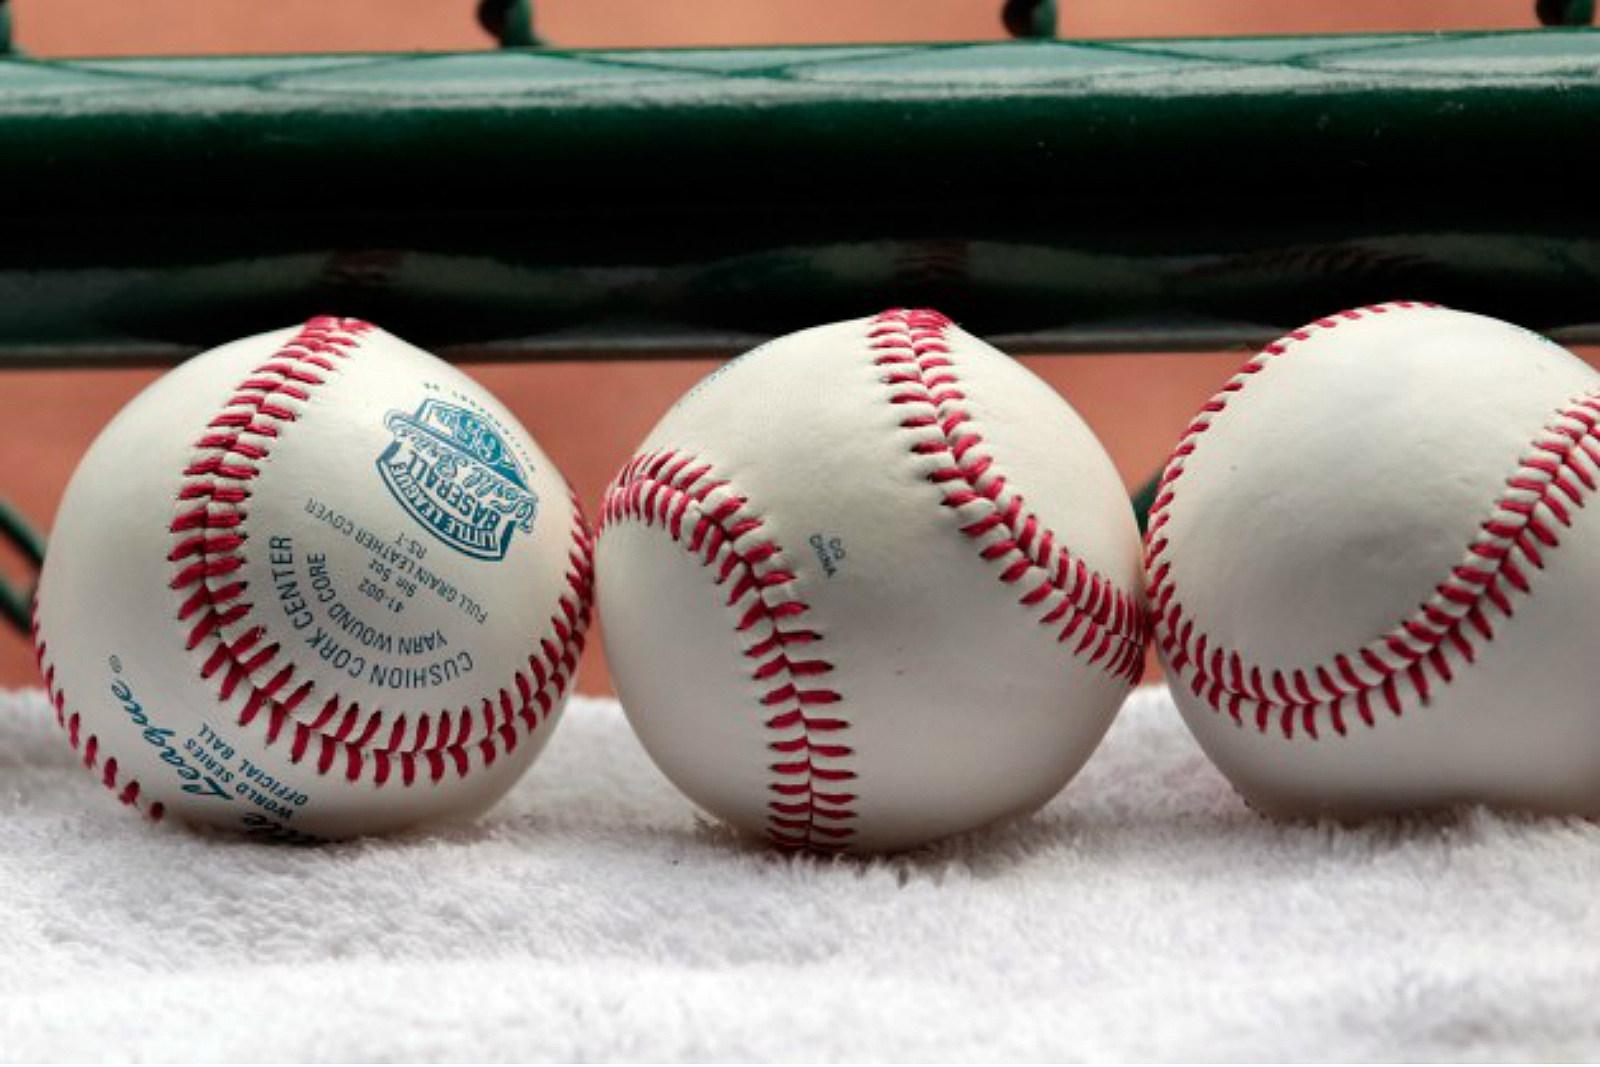 Little League, baseballs